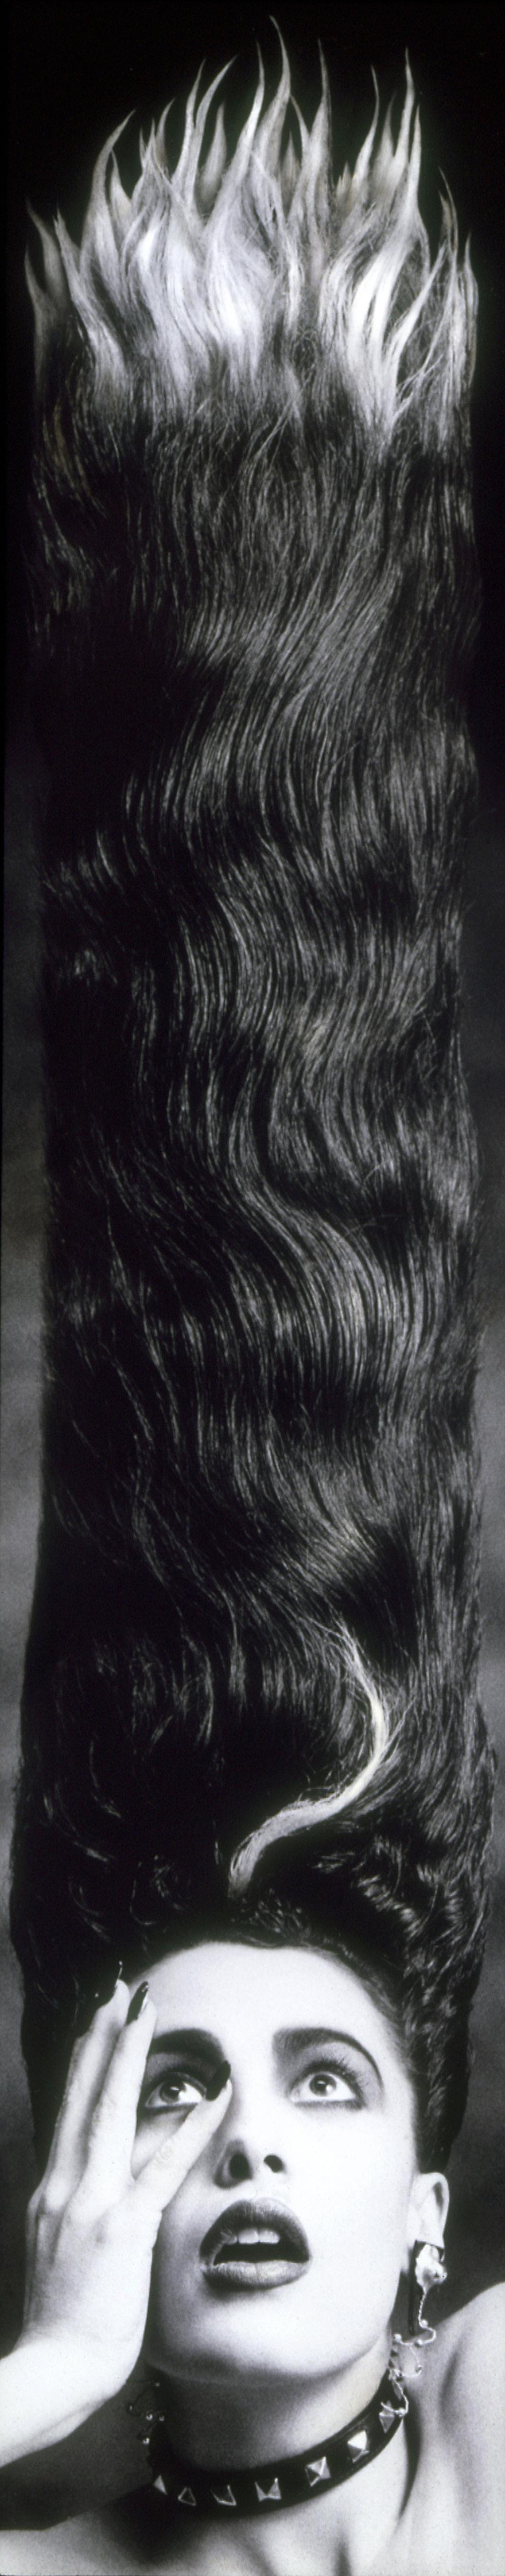 bentley.hair copy.jpg